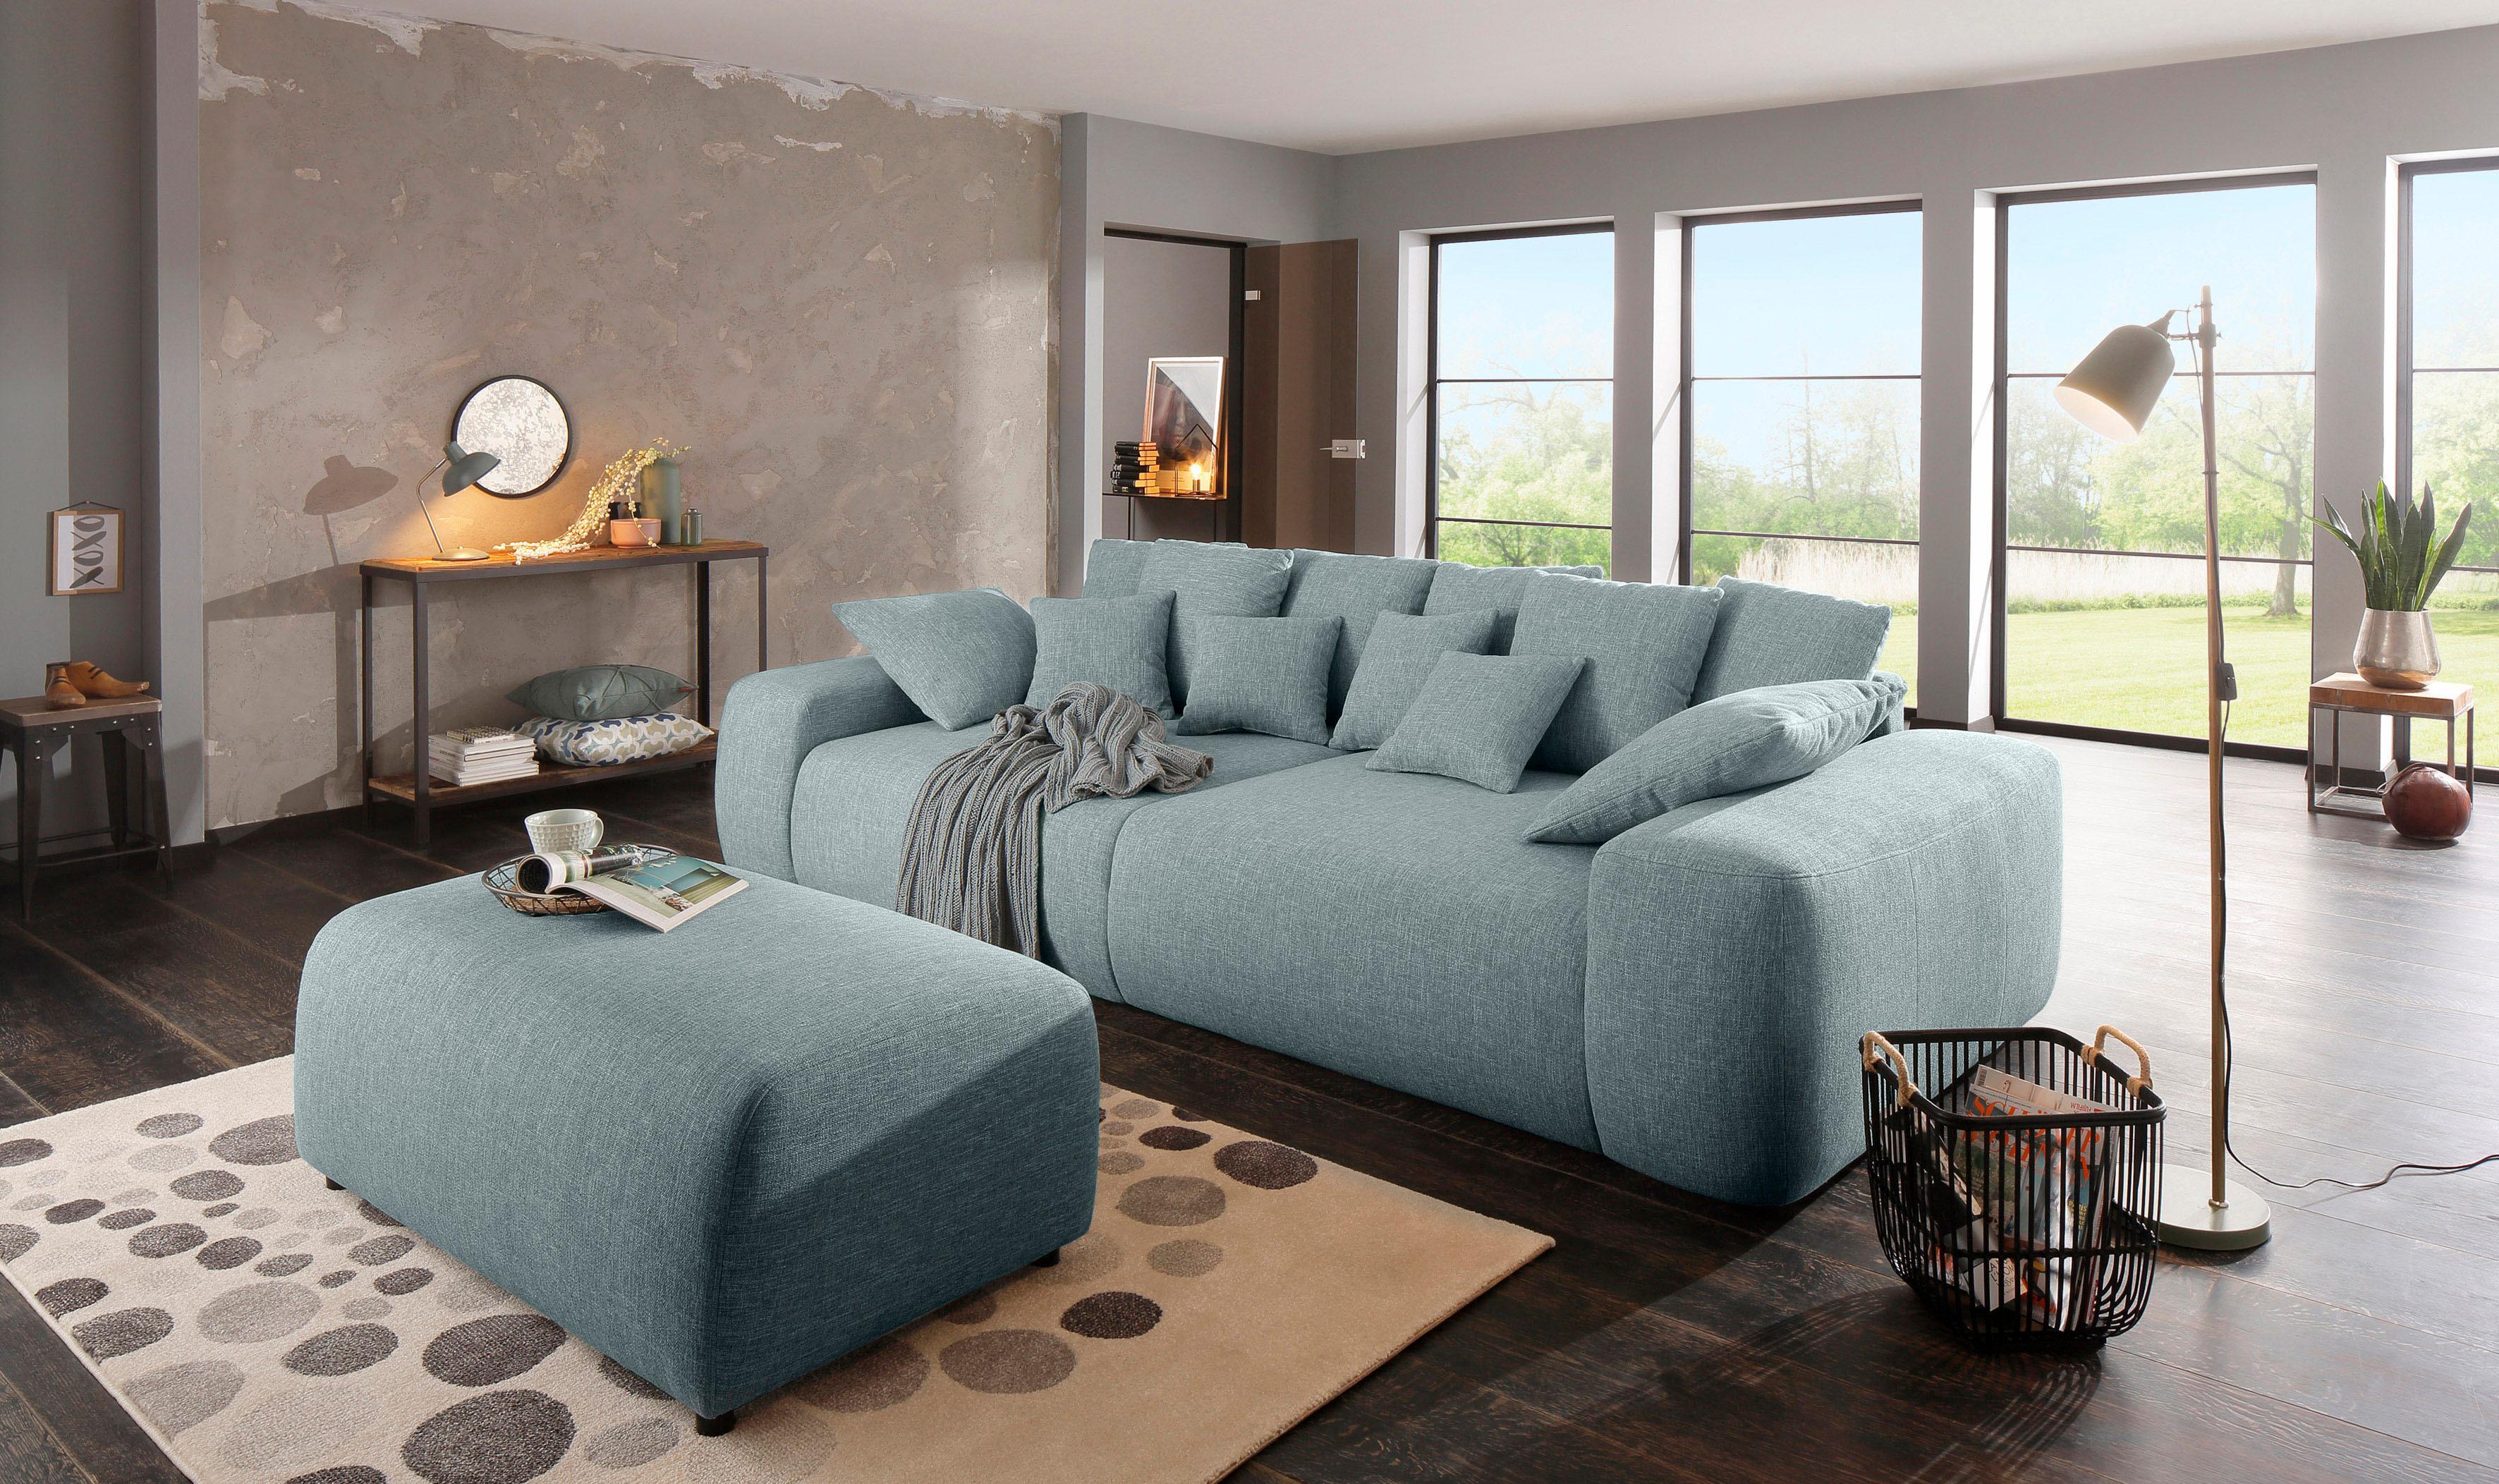 Home affaire Big-Sofa Sundance